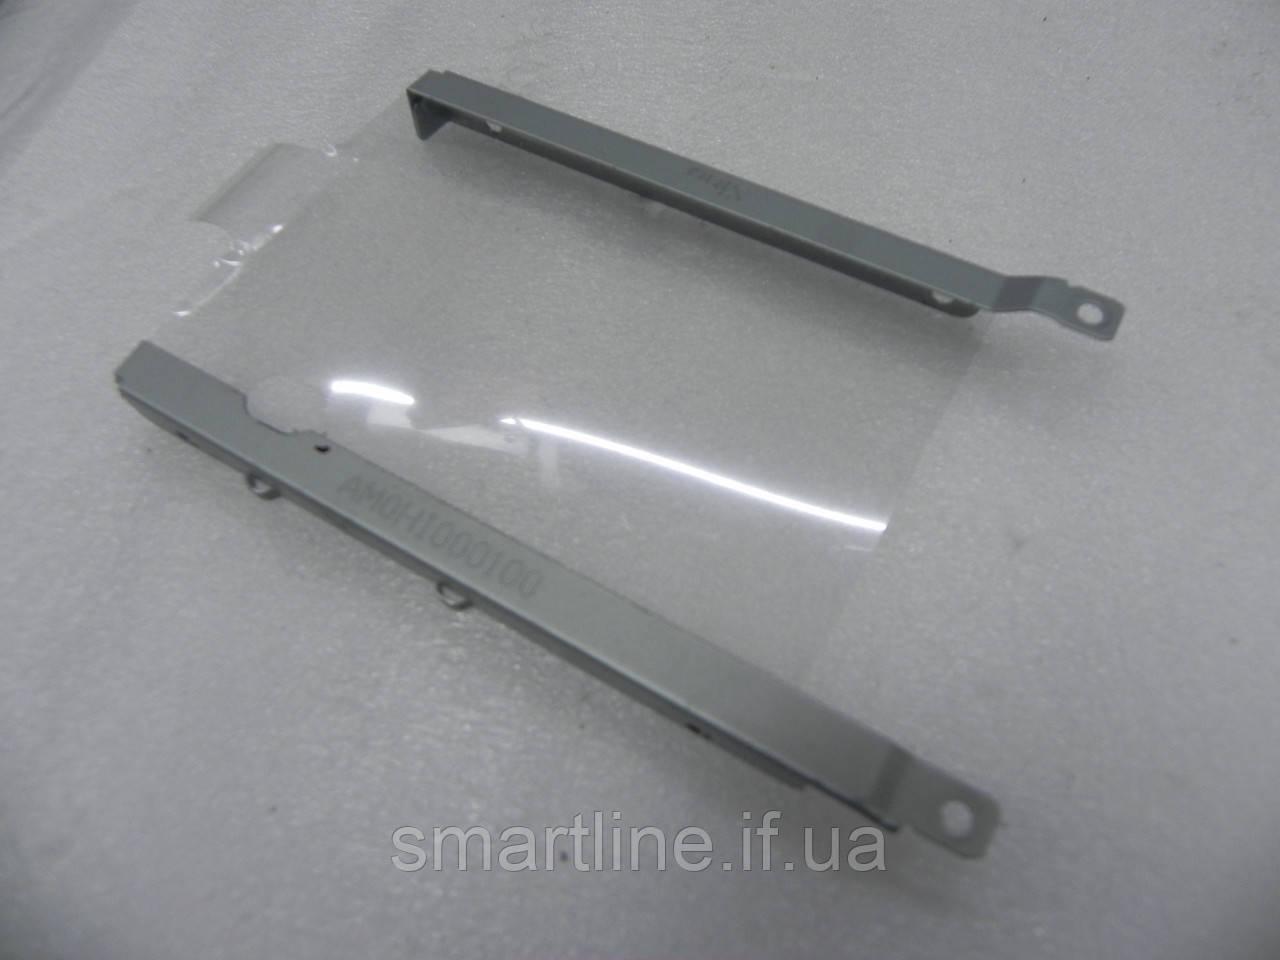 Шахта HDD для ноутбука Acer Aspire V3-551, V3-551G, V3-571, Packard Be